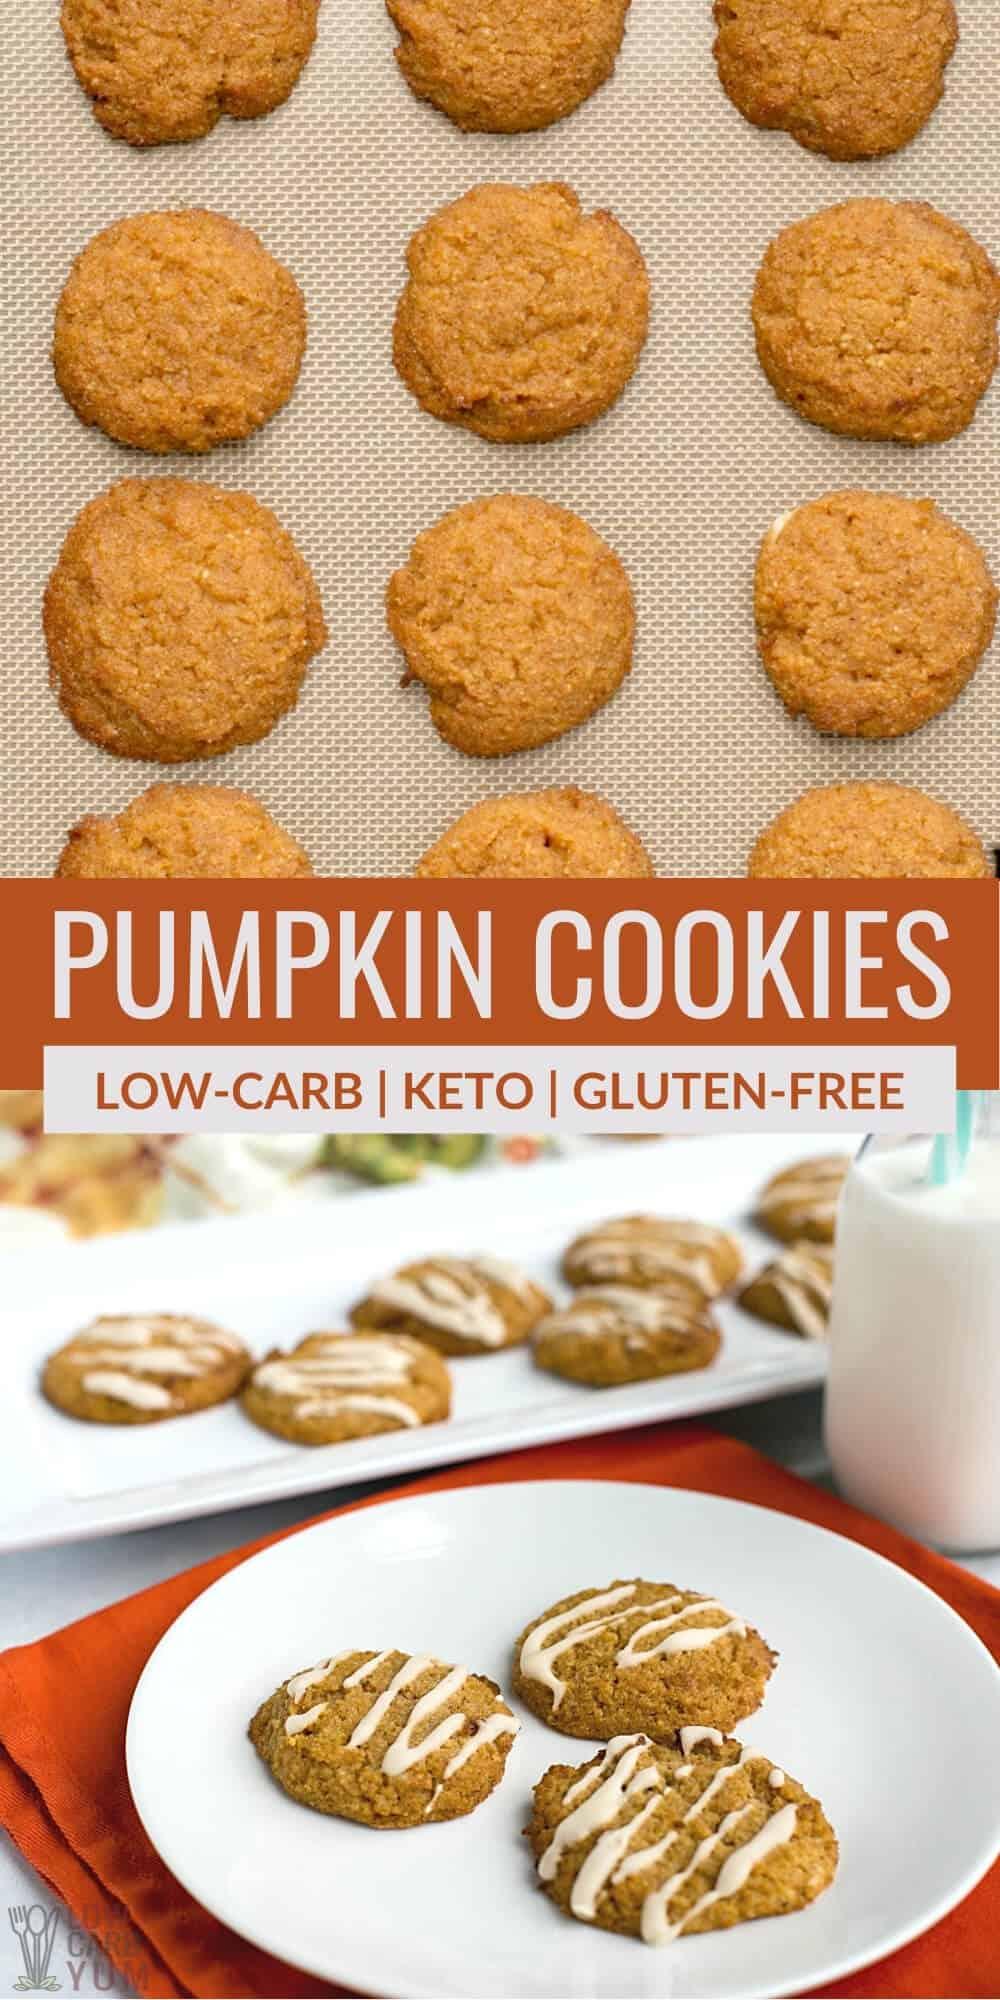 pumpkin cookies pinterest image